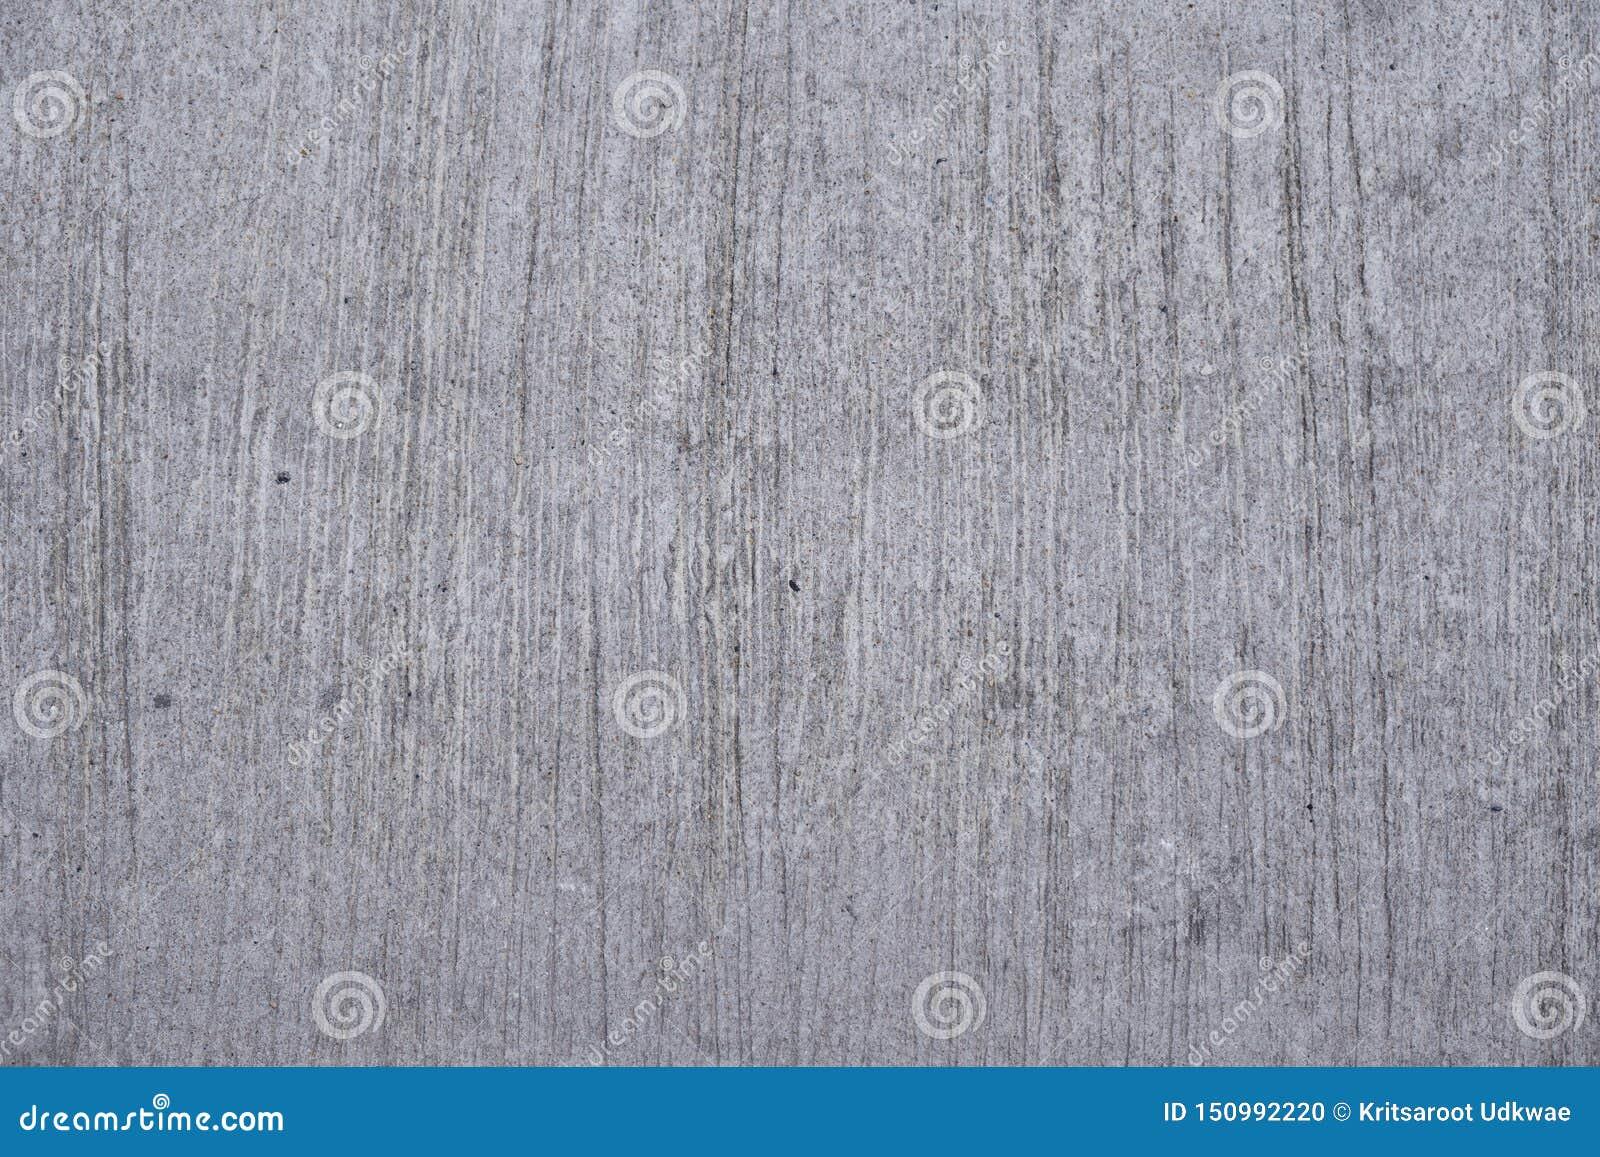 Stary i brudny cement ?ciany tekstury t?o